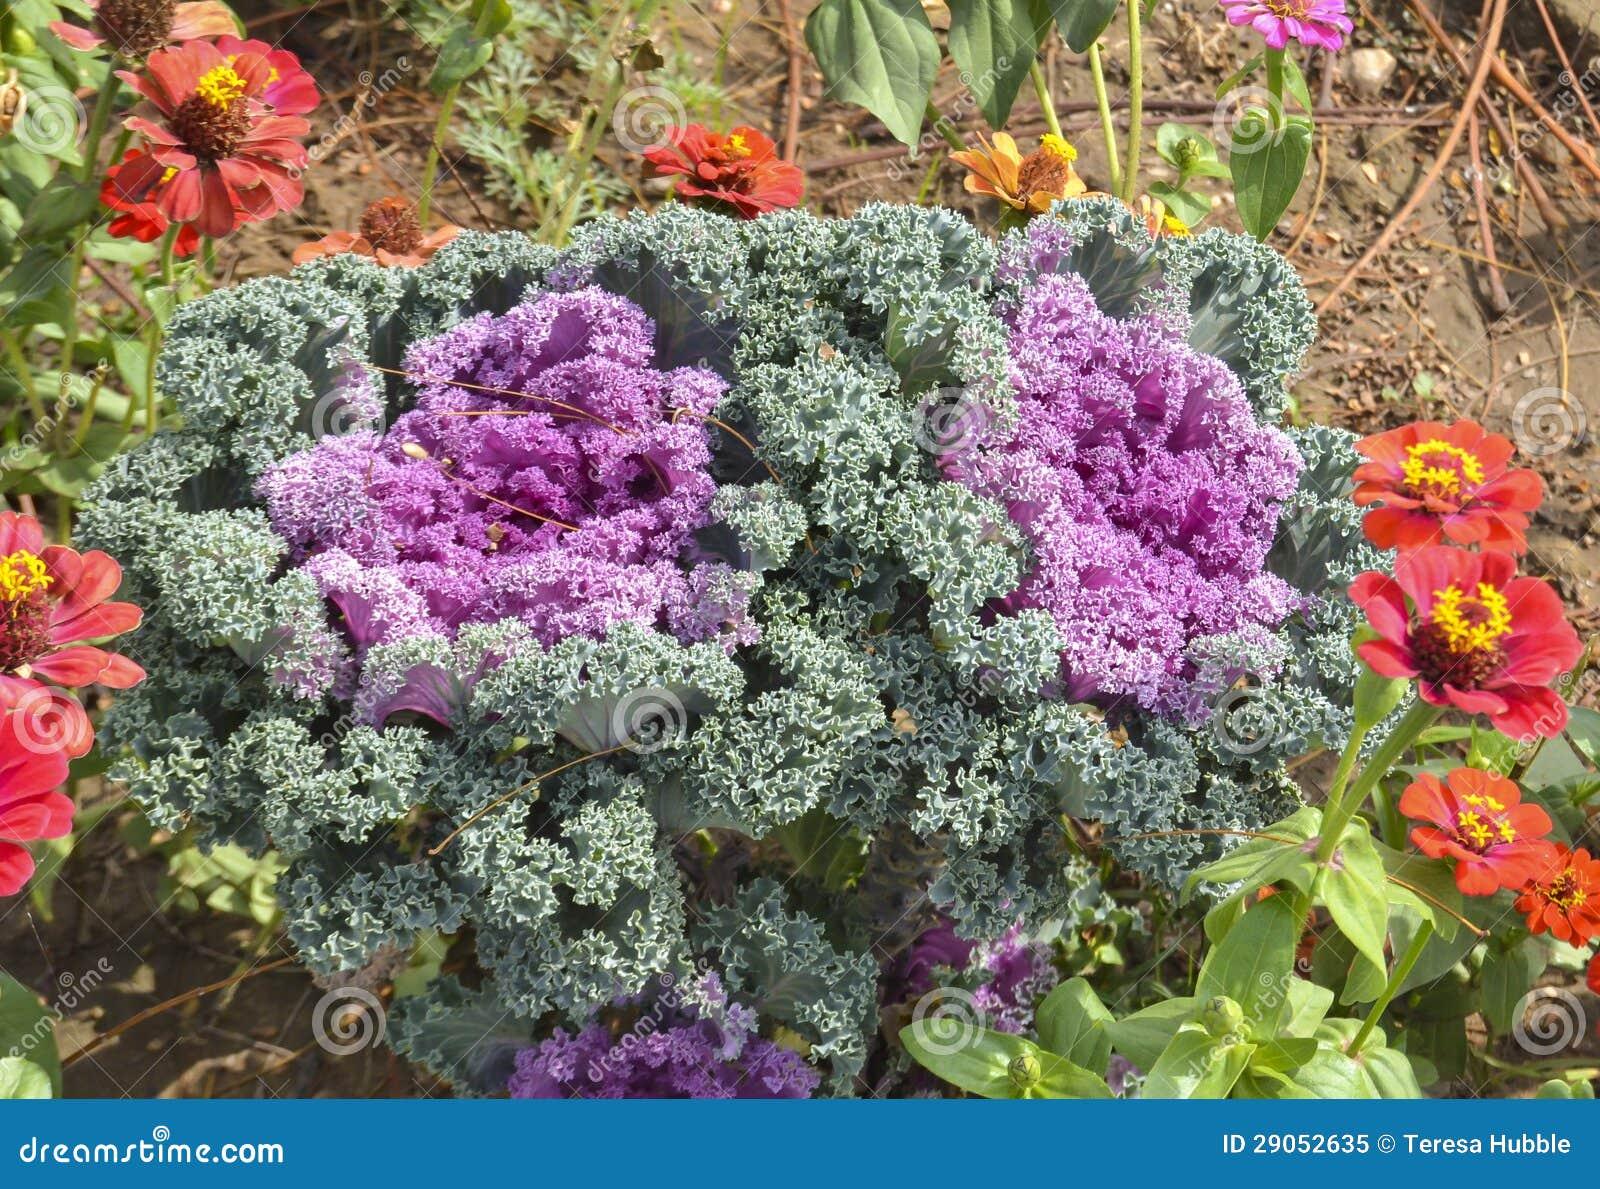 Cavolo ornamentale del cavolo in un giardino immagine for Cavolo ornamentale